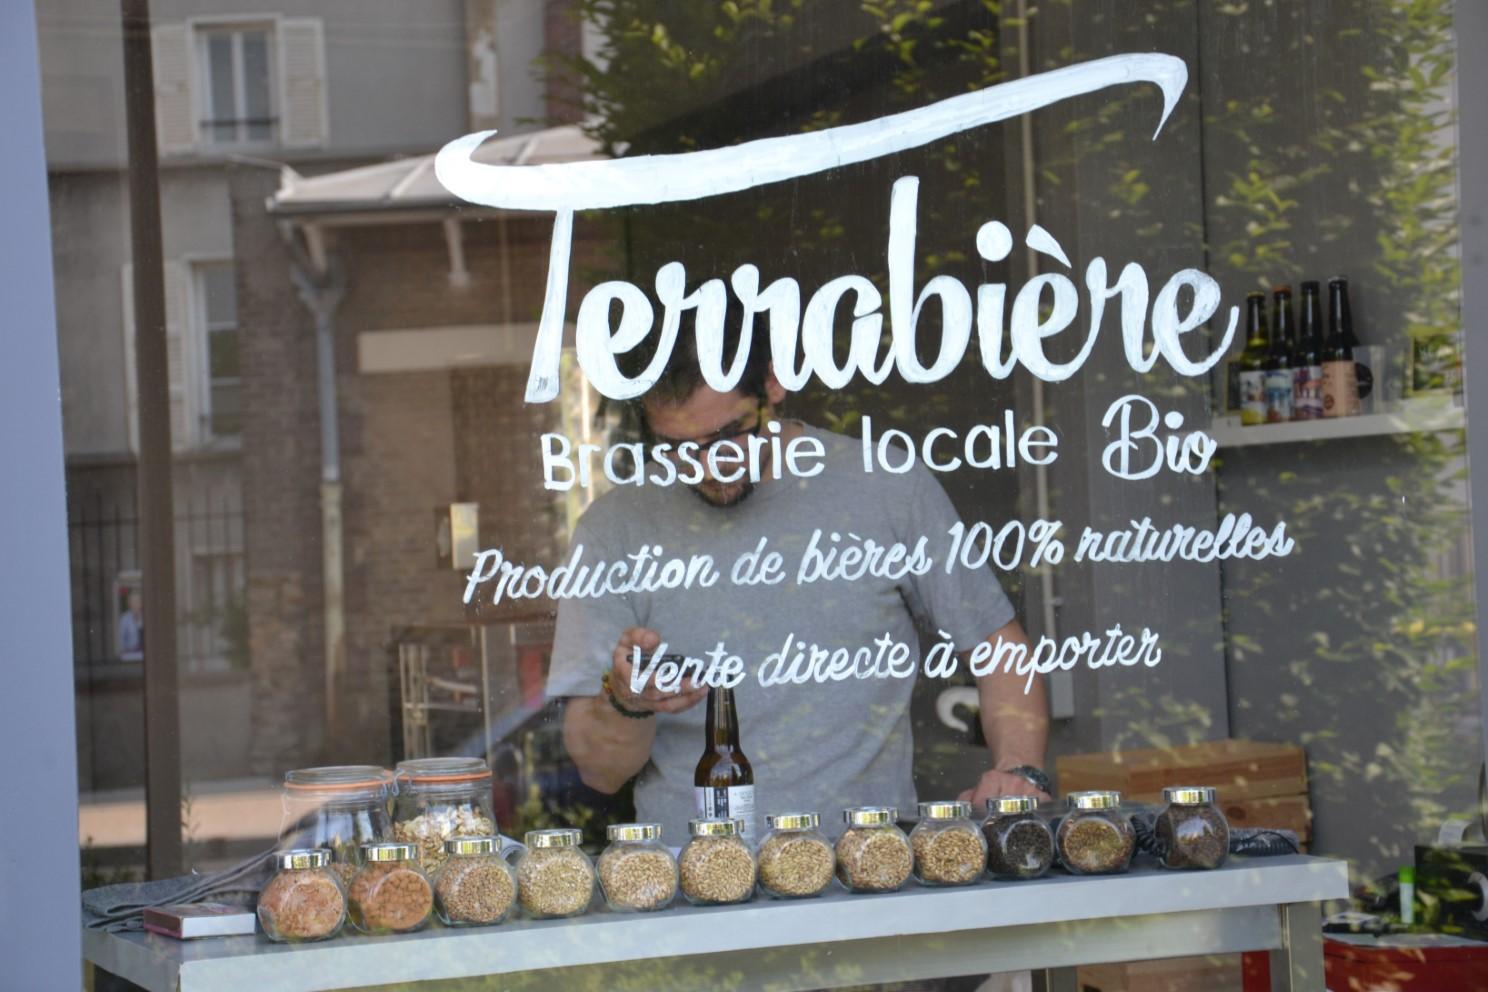 Terrabière